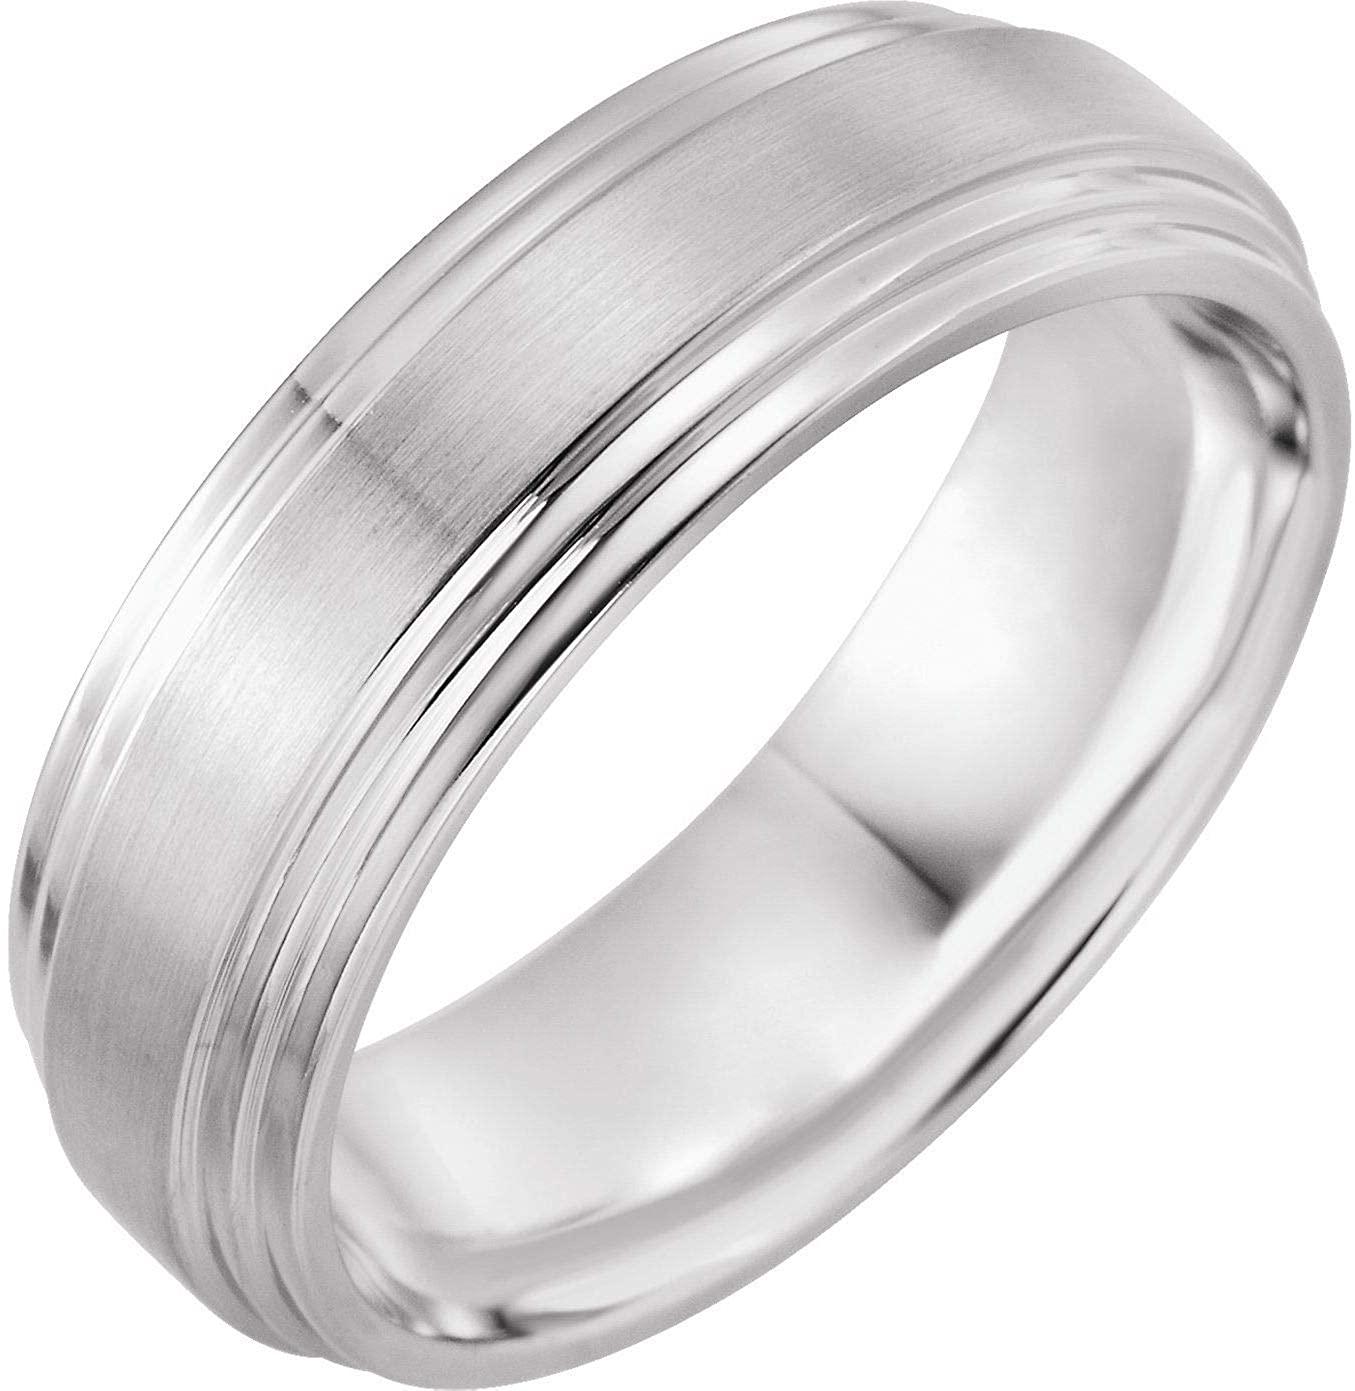 Bonyak Jewelry 14K X1 White 7mm Double Beveled-Edge Band with Satin/Polished Finish - Size 13 in 14k White Gold